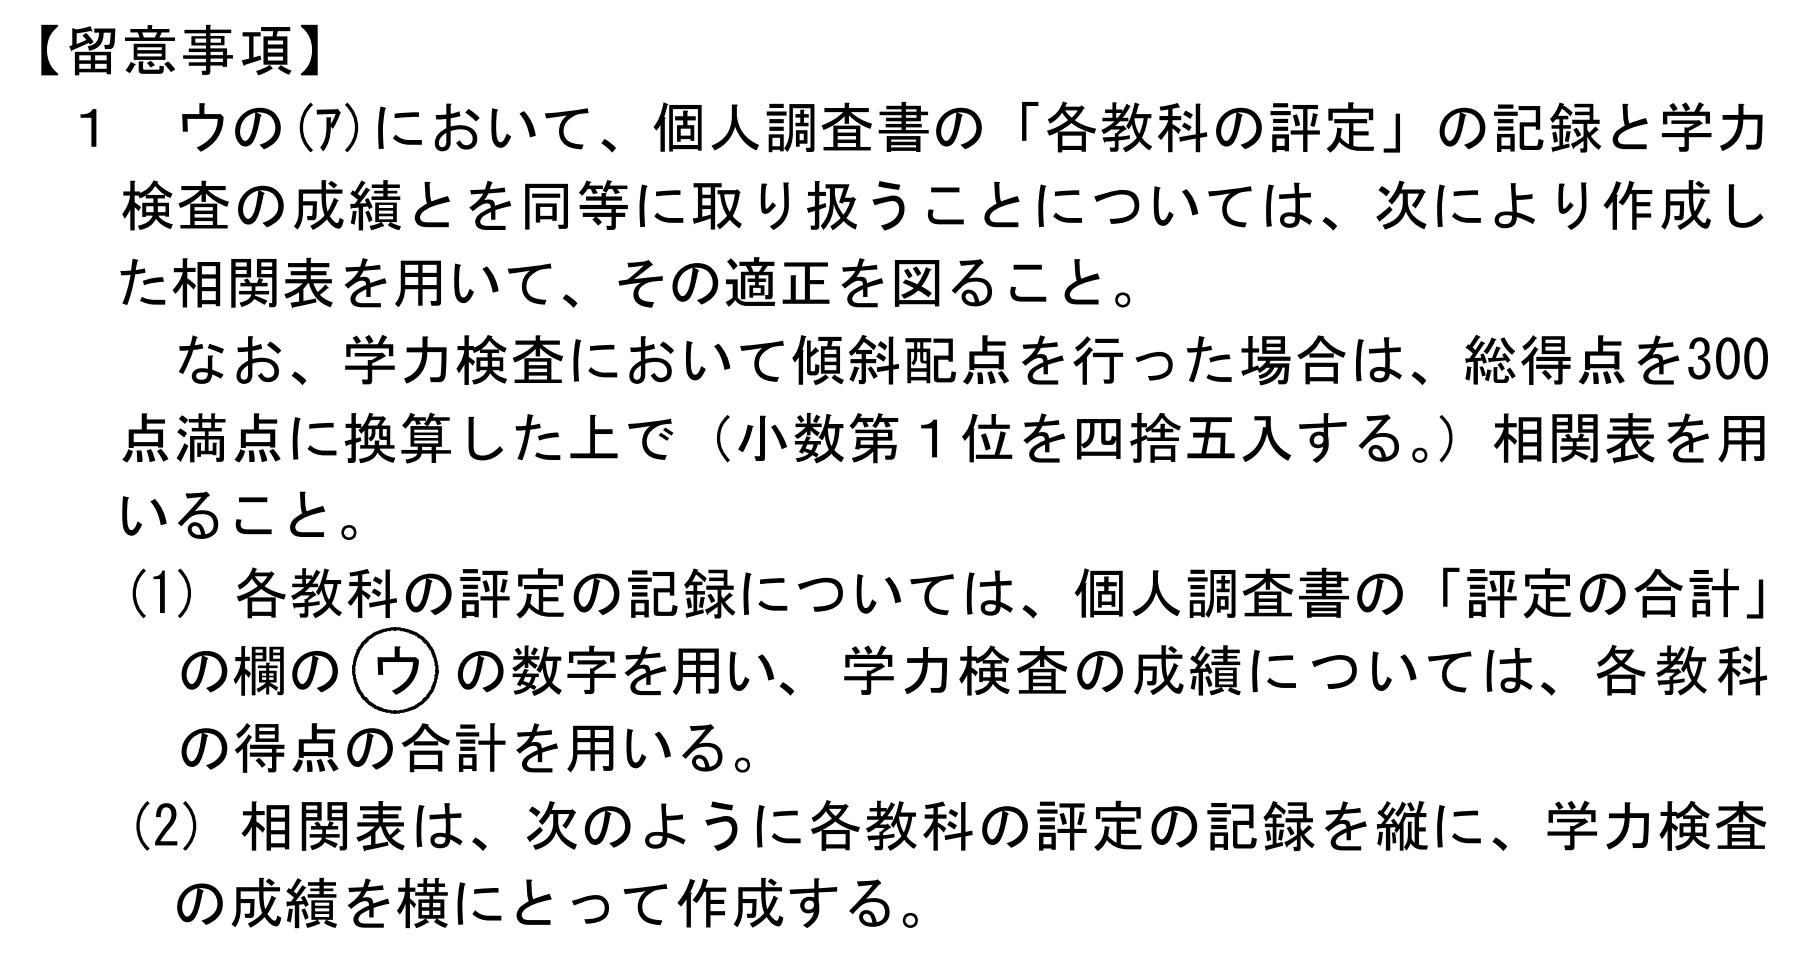 北海道公立高校入試制度1